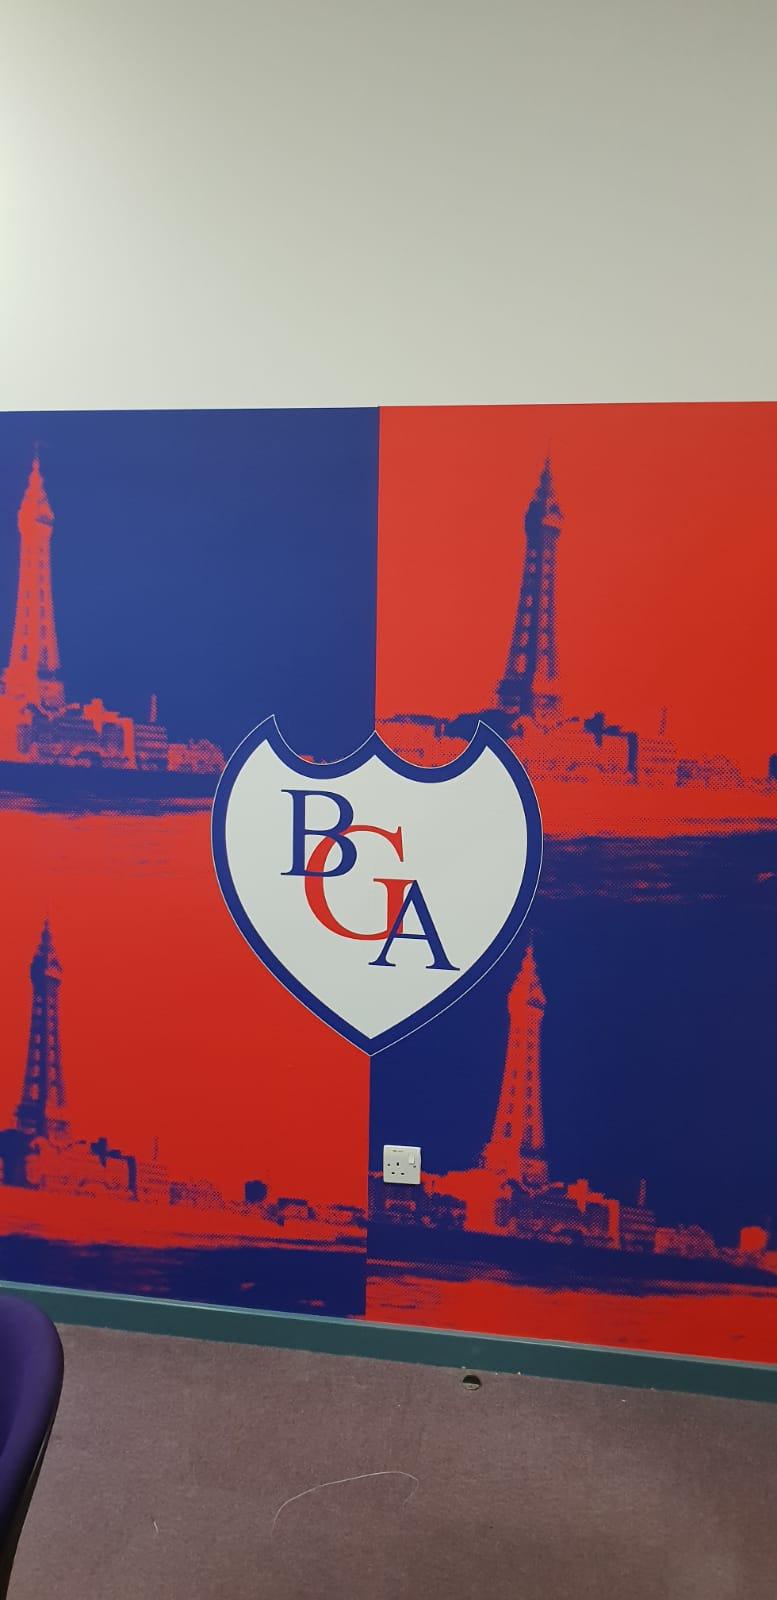 BGA Wall Graphics Wallcoverings Signage